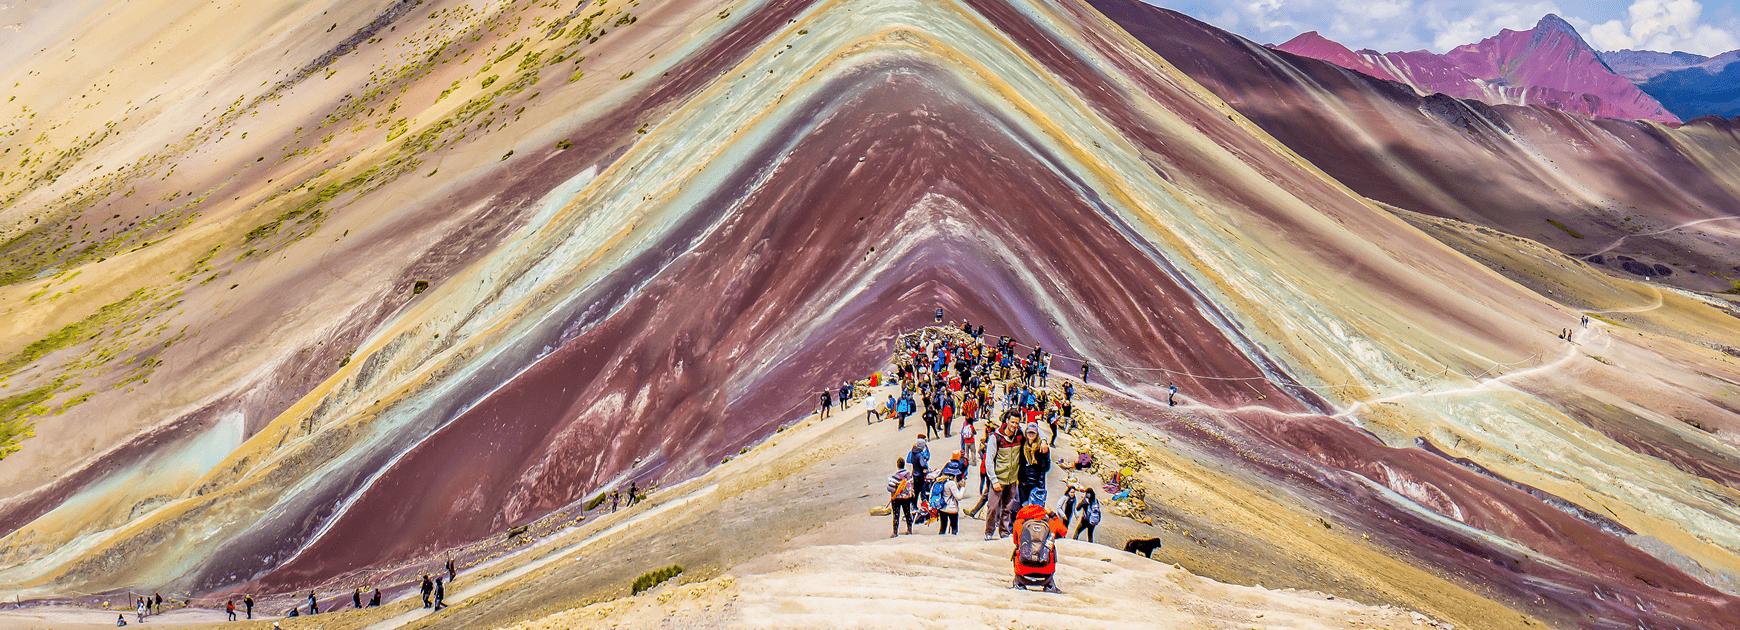 Montaña de Colores - Machu Picchu